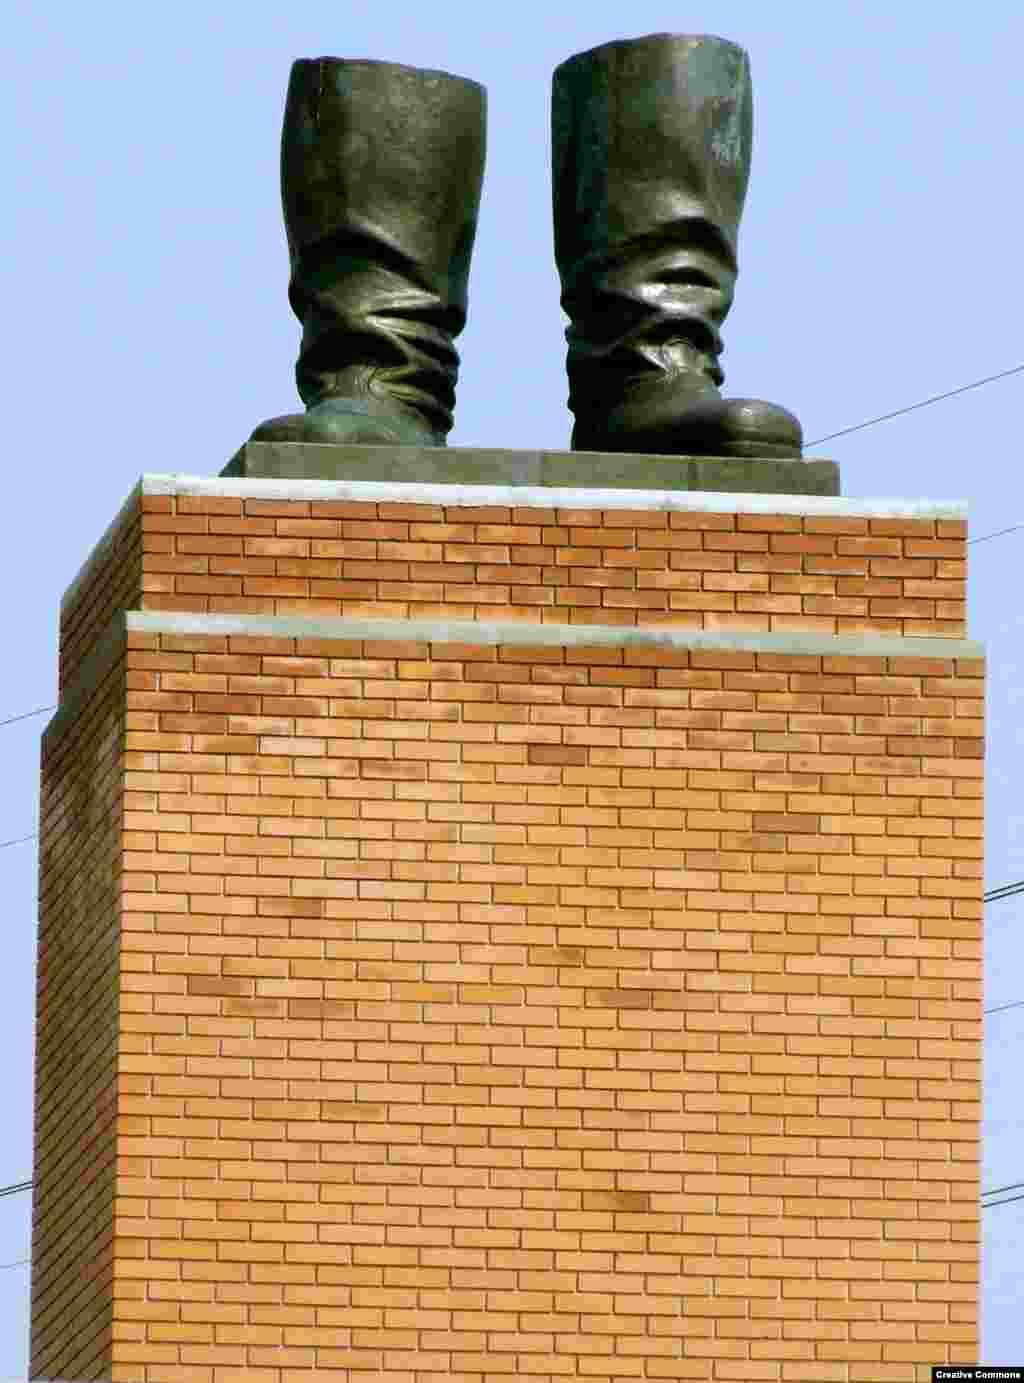 Угорщина – «Чоботи Сталіна» недалеко від Будапешта. Залишки пам'ятника, який був знесений у 1956 році під час угорського повстання.